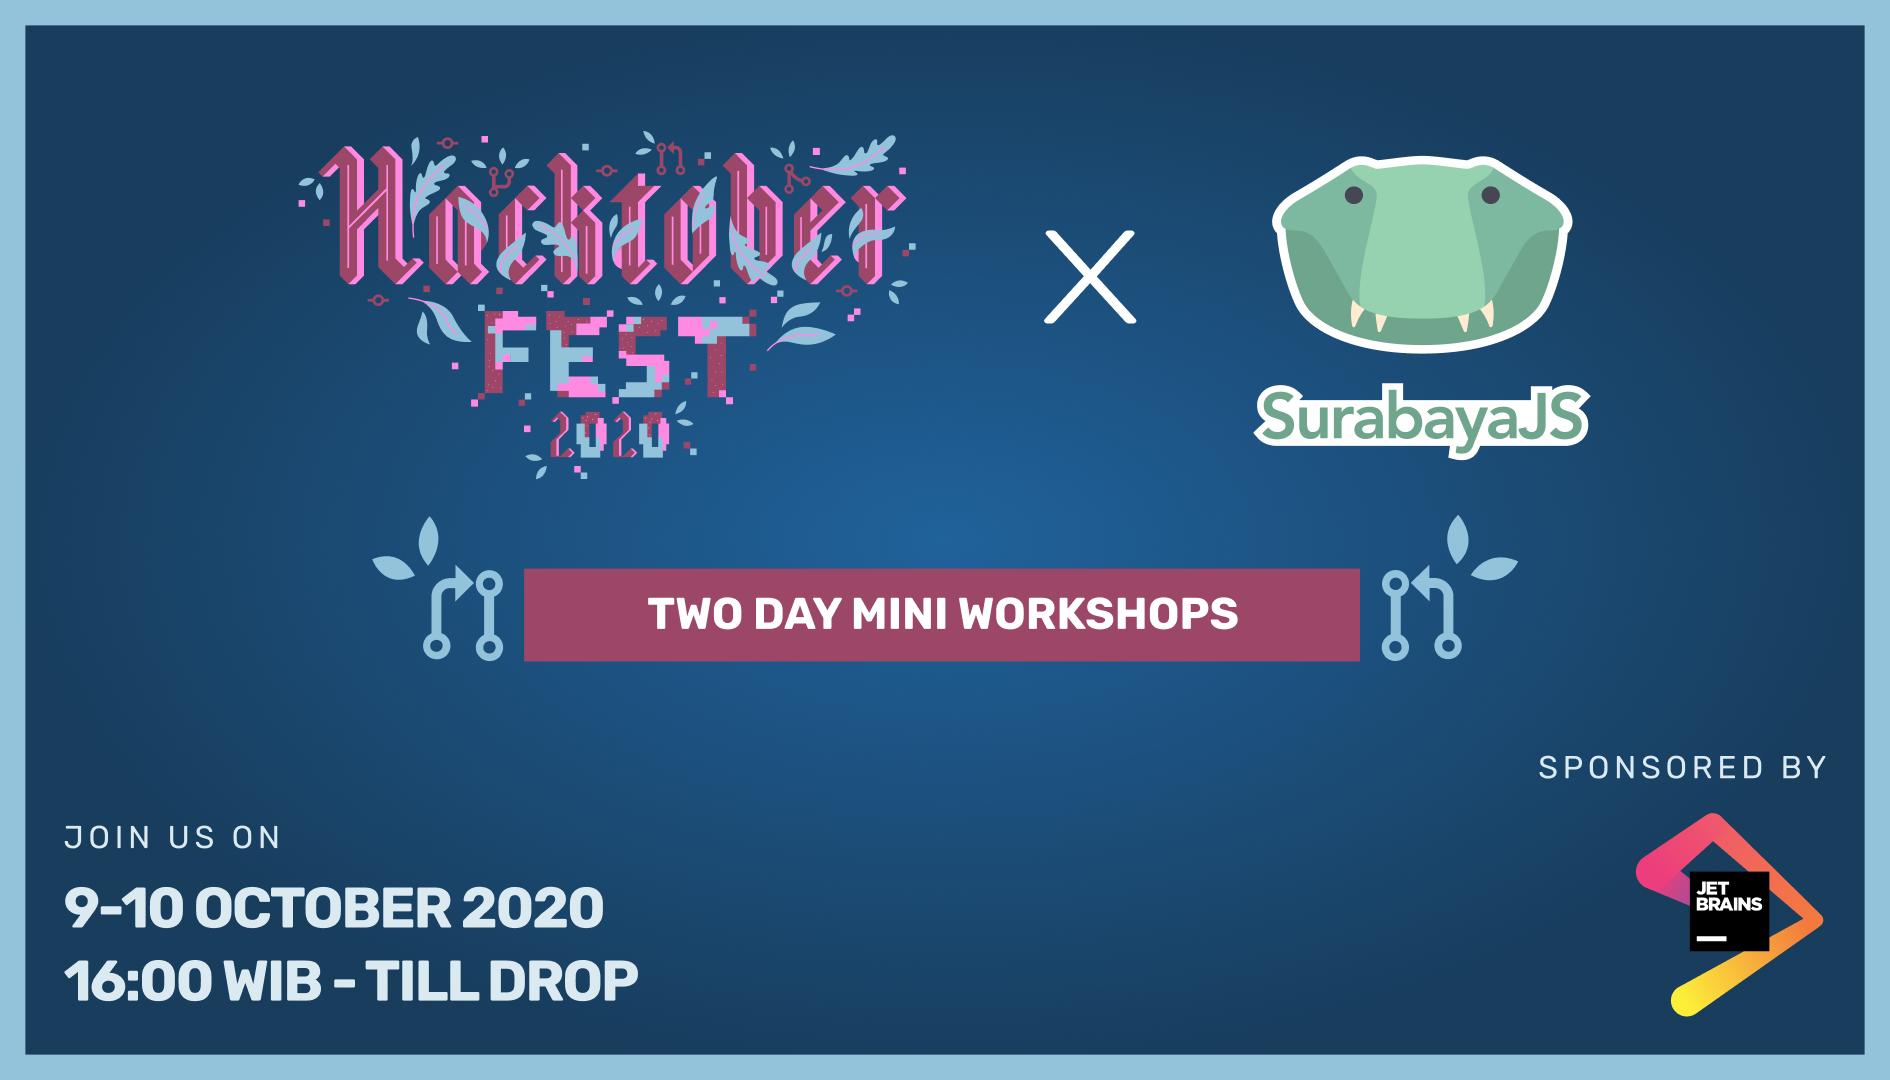 Hacktoberfest 2020 Mini Workshops